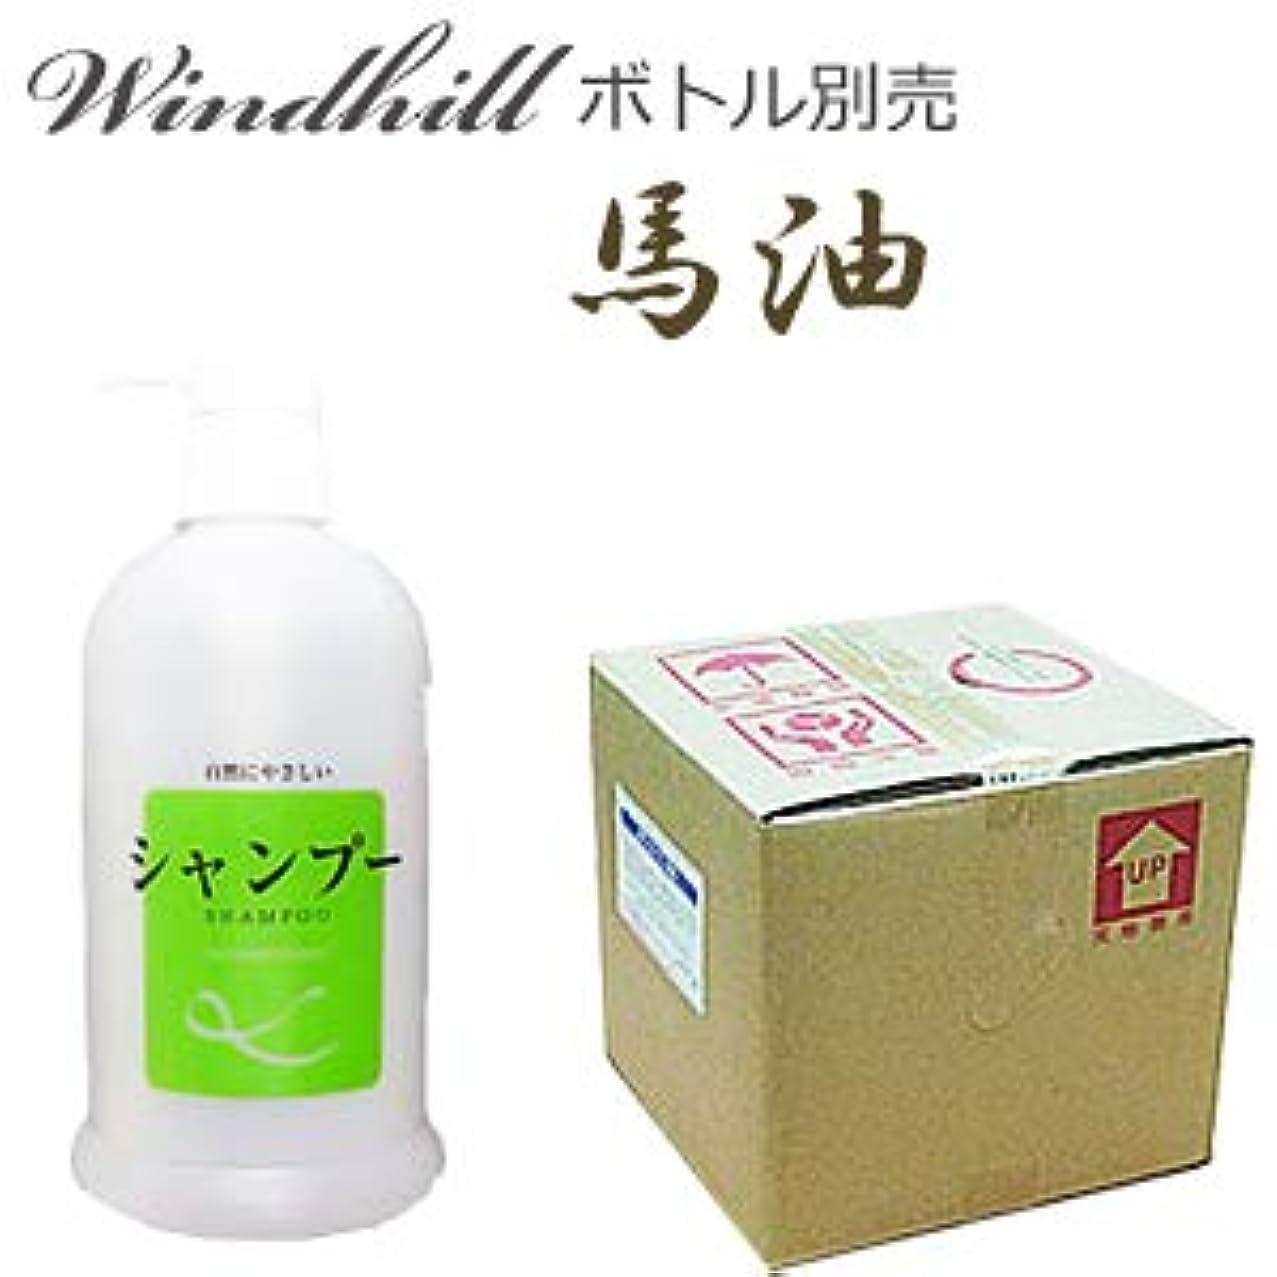 揃えるドアミラーステンレスなんと! 500ml当り190円 Windhill 馬油 業務用 シャンプー フローラルの香り 20L